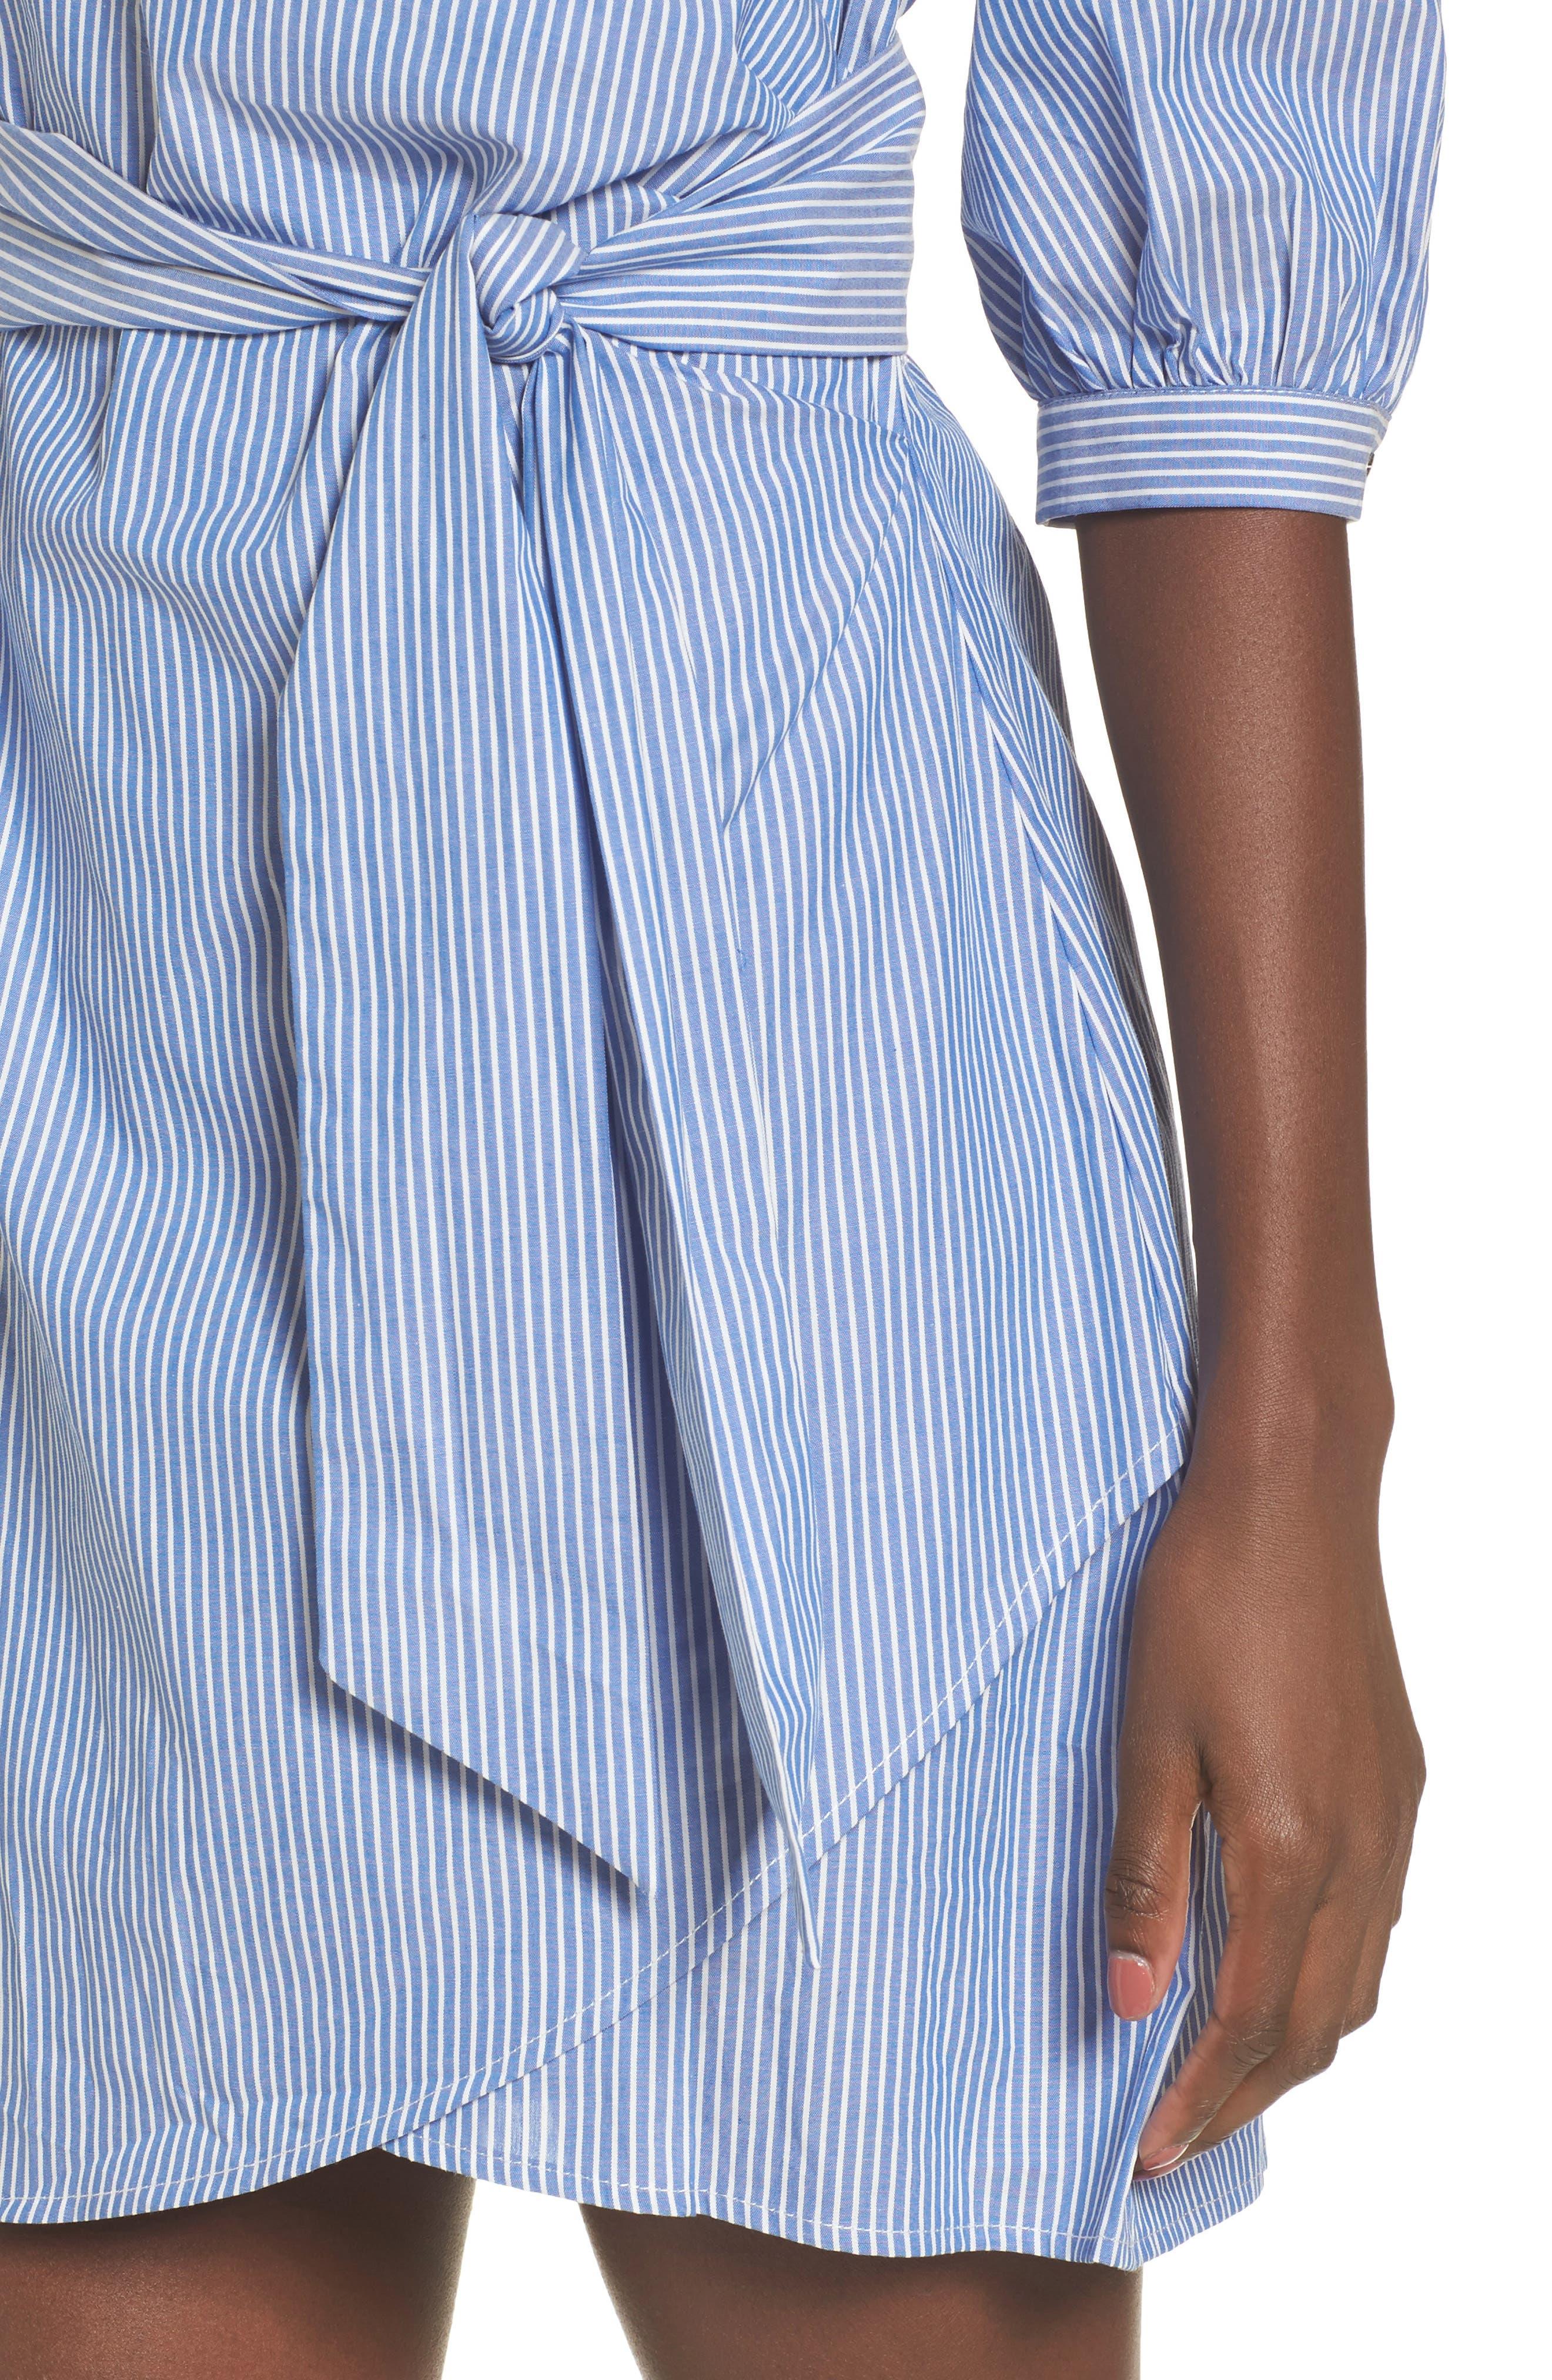 Cotton Poplin Wrap Dress,                             Alternate thumbnail 4, color,                             Blue White Stripe